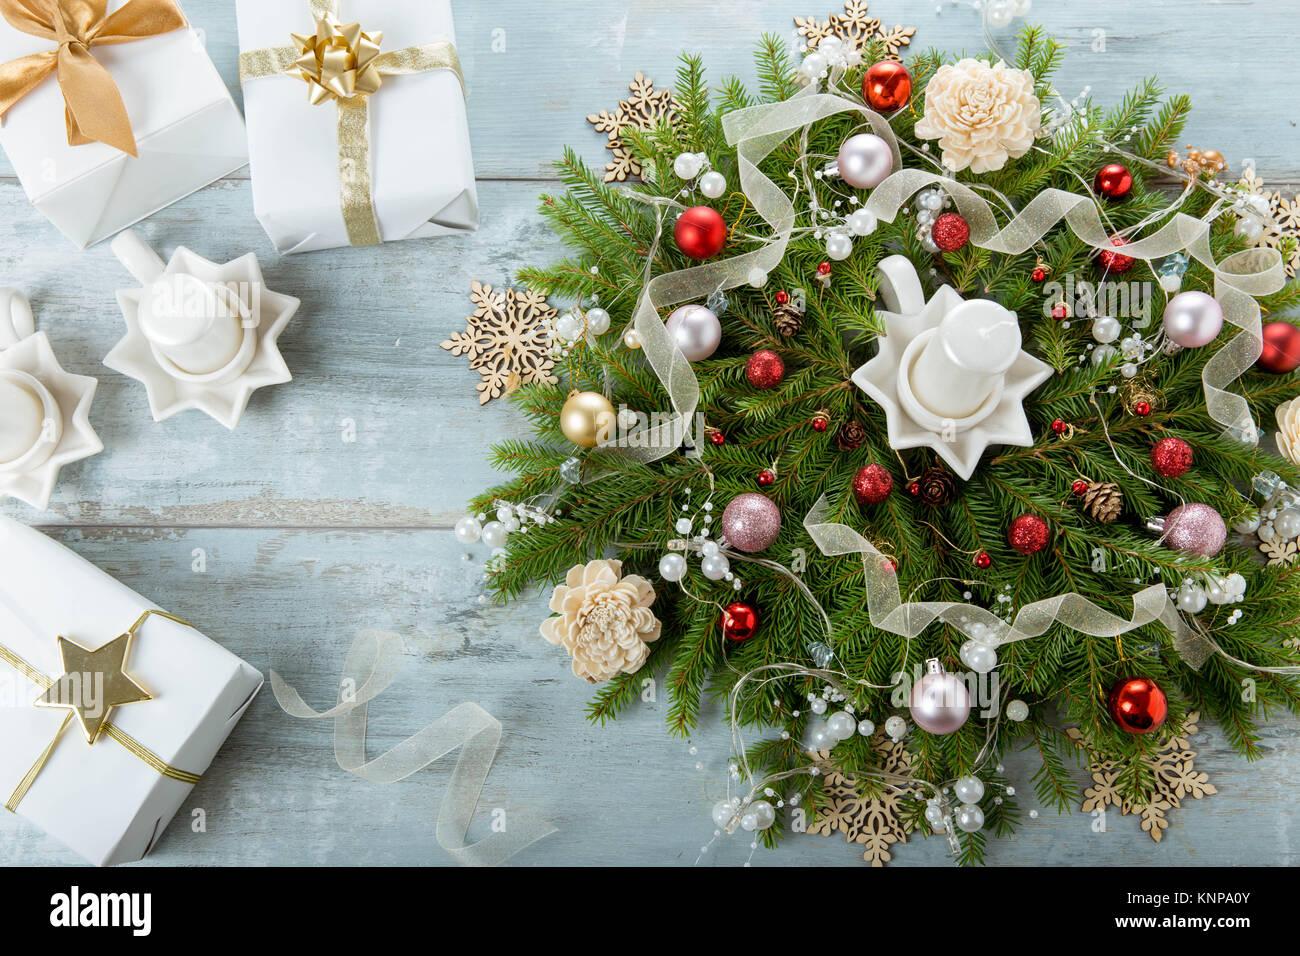 adventskranz dekoriert mit wei en kerzen auf blau holz hintergrund stockfoto bild 168291899. Black Bedroom Furniture Sets. Home Design Ideas